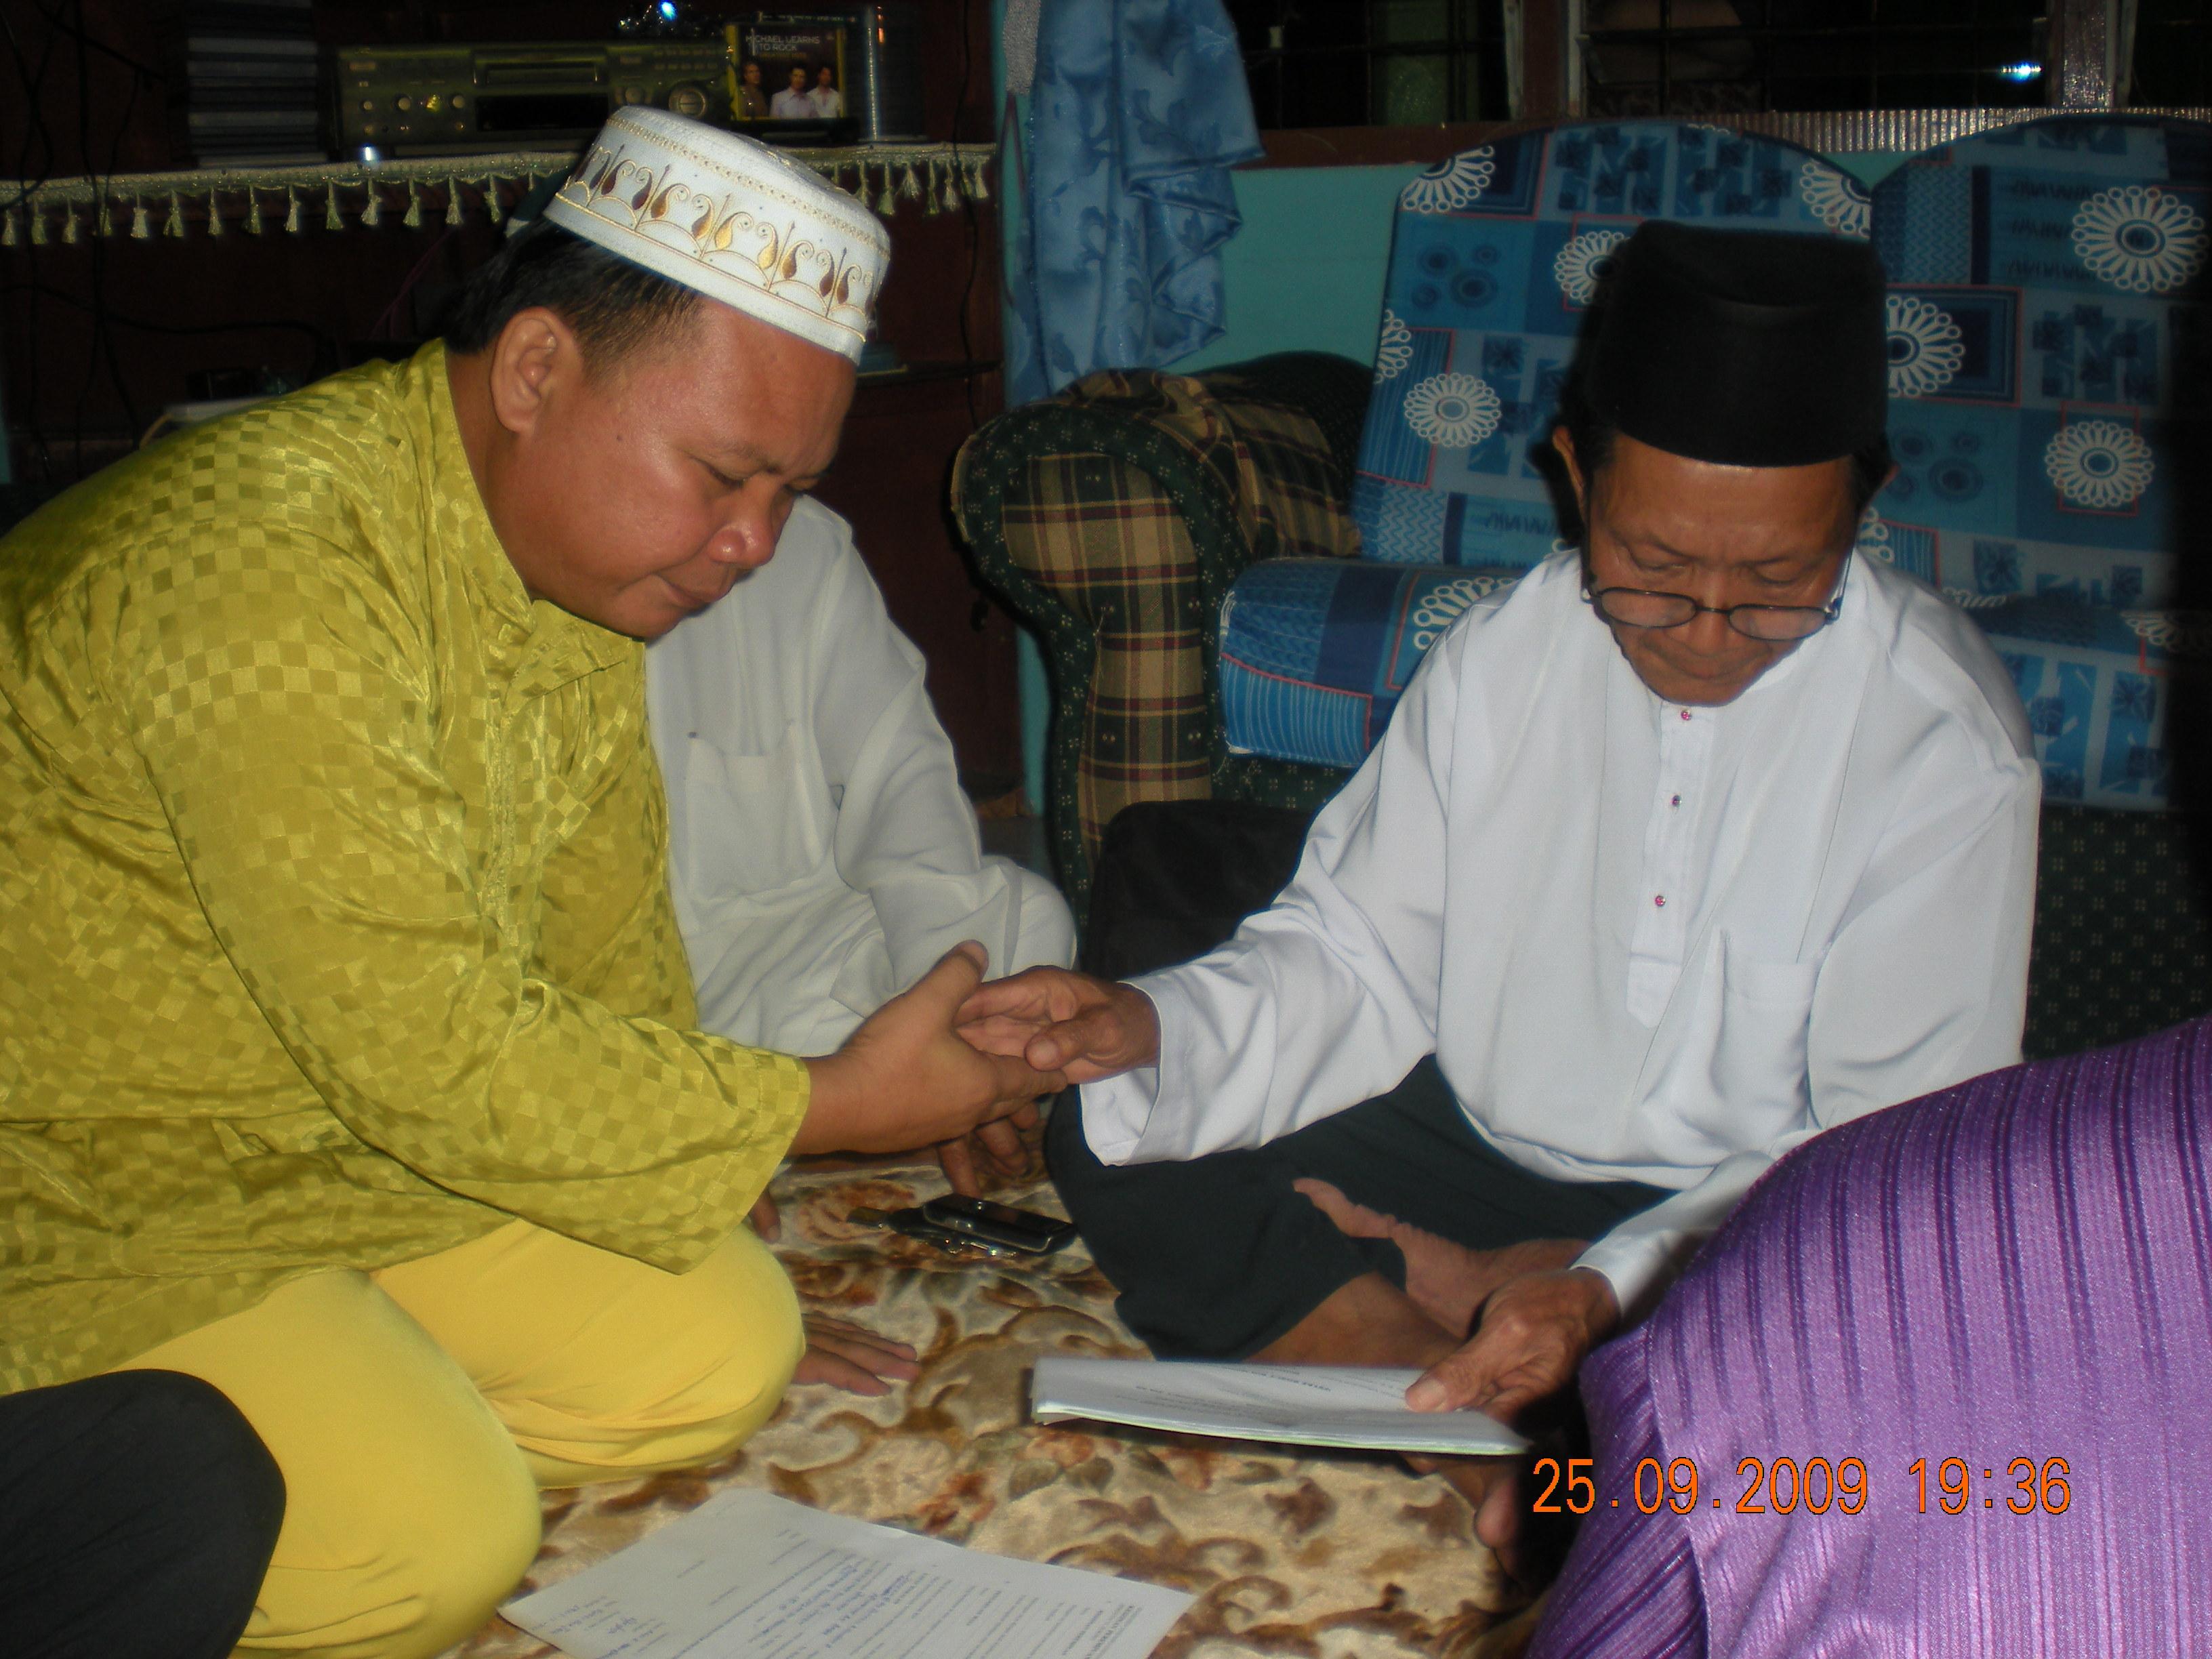 Bapa kandung Suzieyanti, En. Mohd Jeffrin Abdulman sedang membacakan wakalah (perwakilan) untuk akad nikah kepada Imam Hj Hamzah Baba